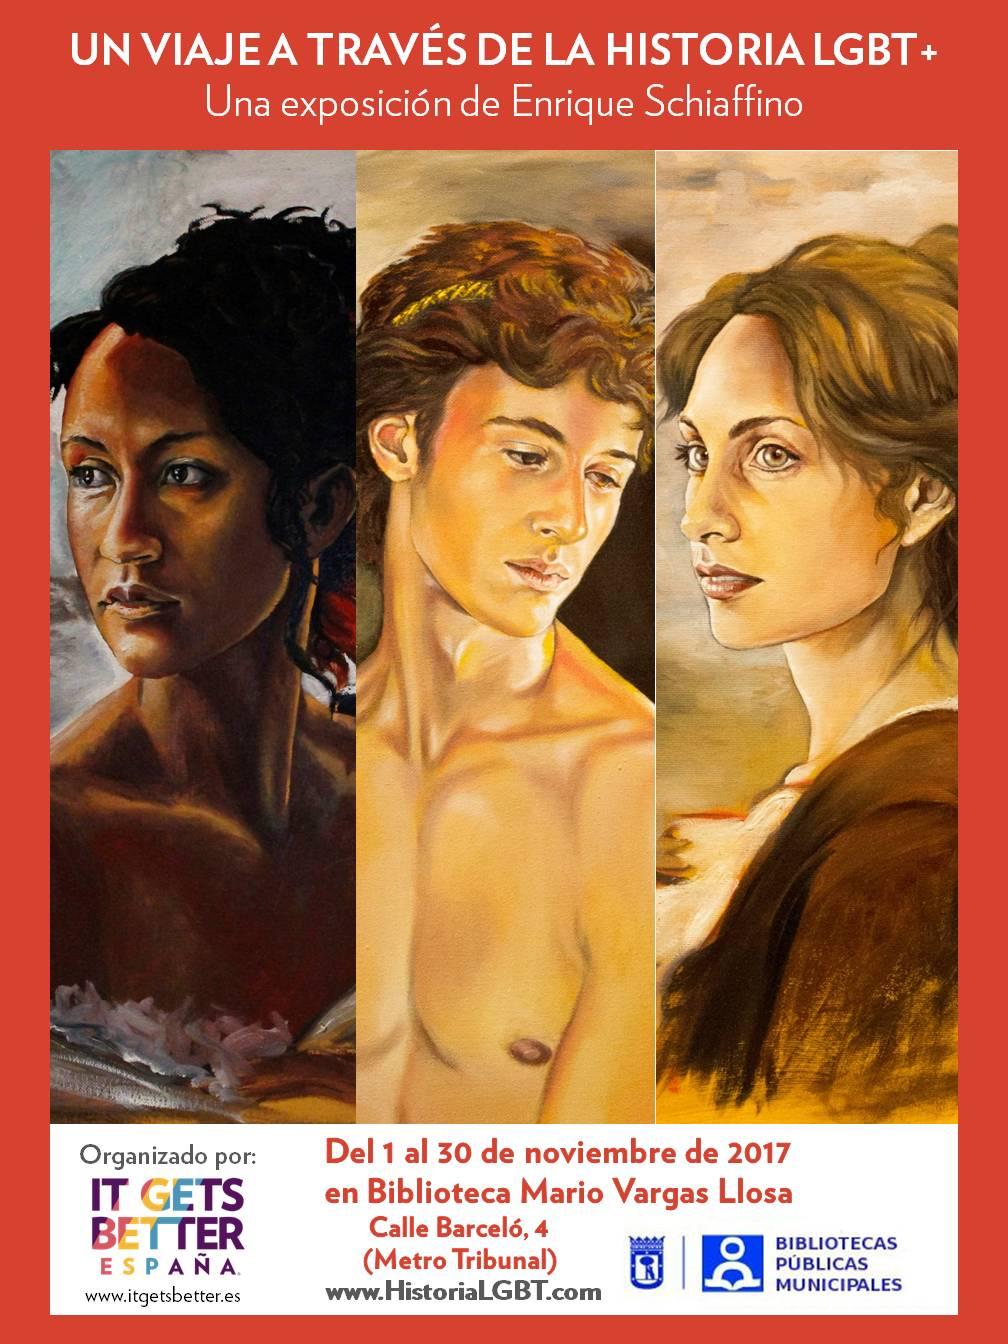 Un viaje a traves de la historia LGBT - Exposicion Noviembre 2017 - Biblioteca Madrid JPG